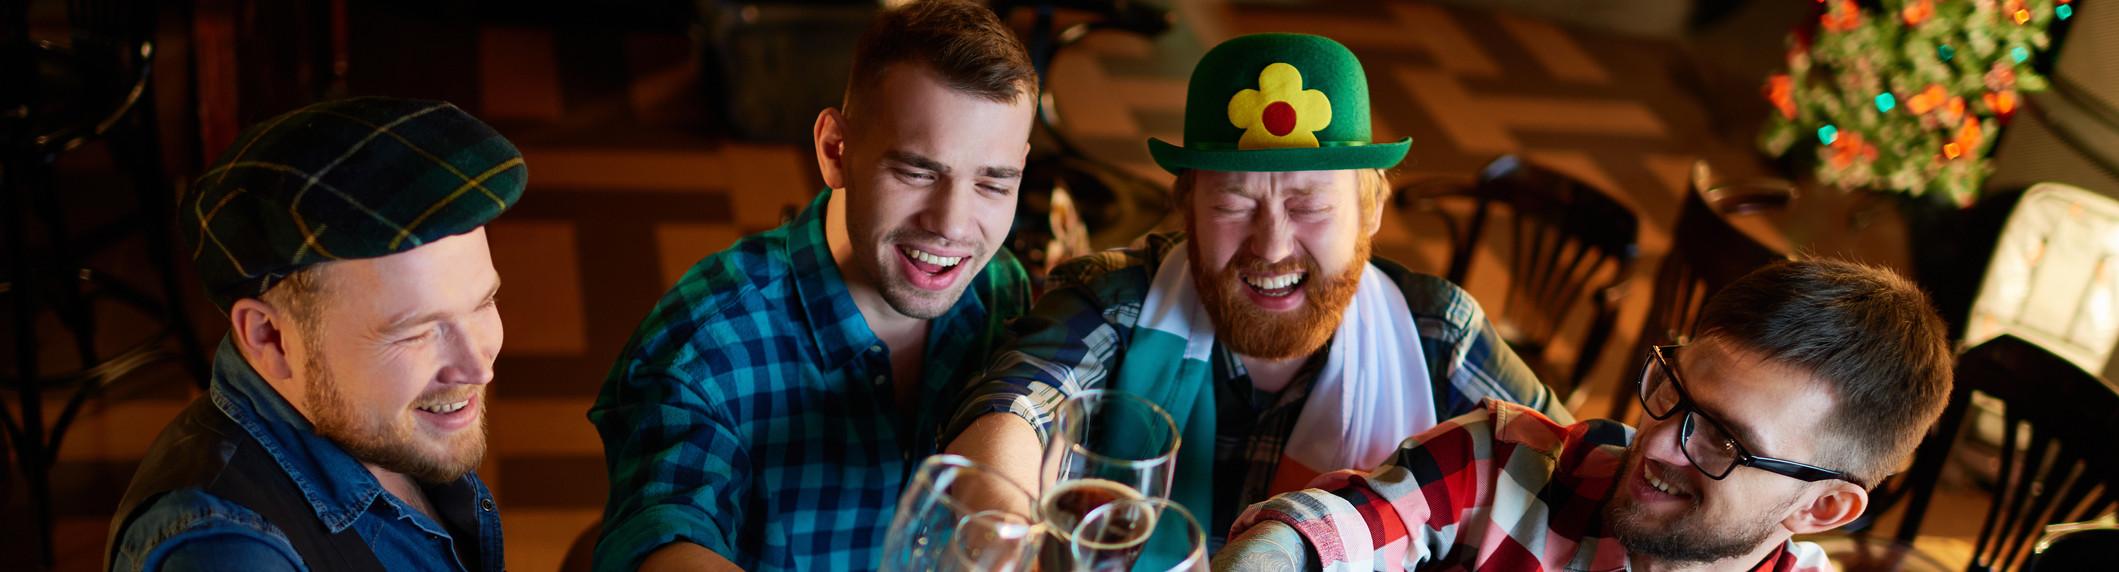 guys in pub